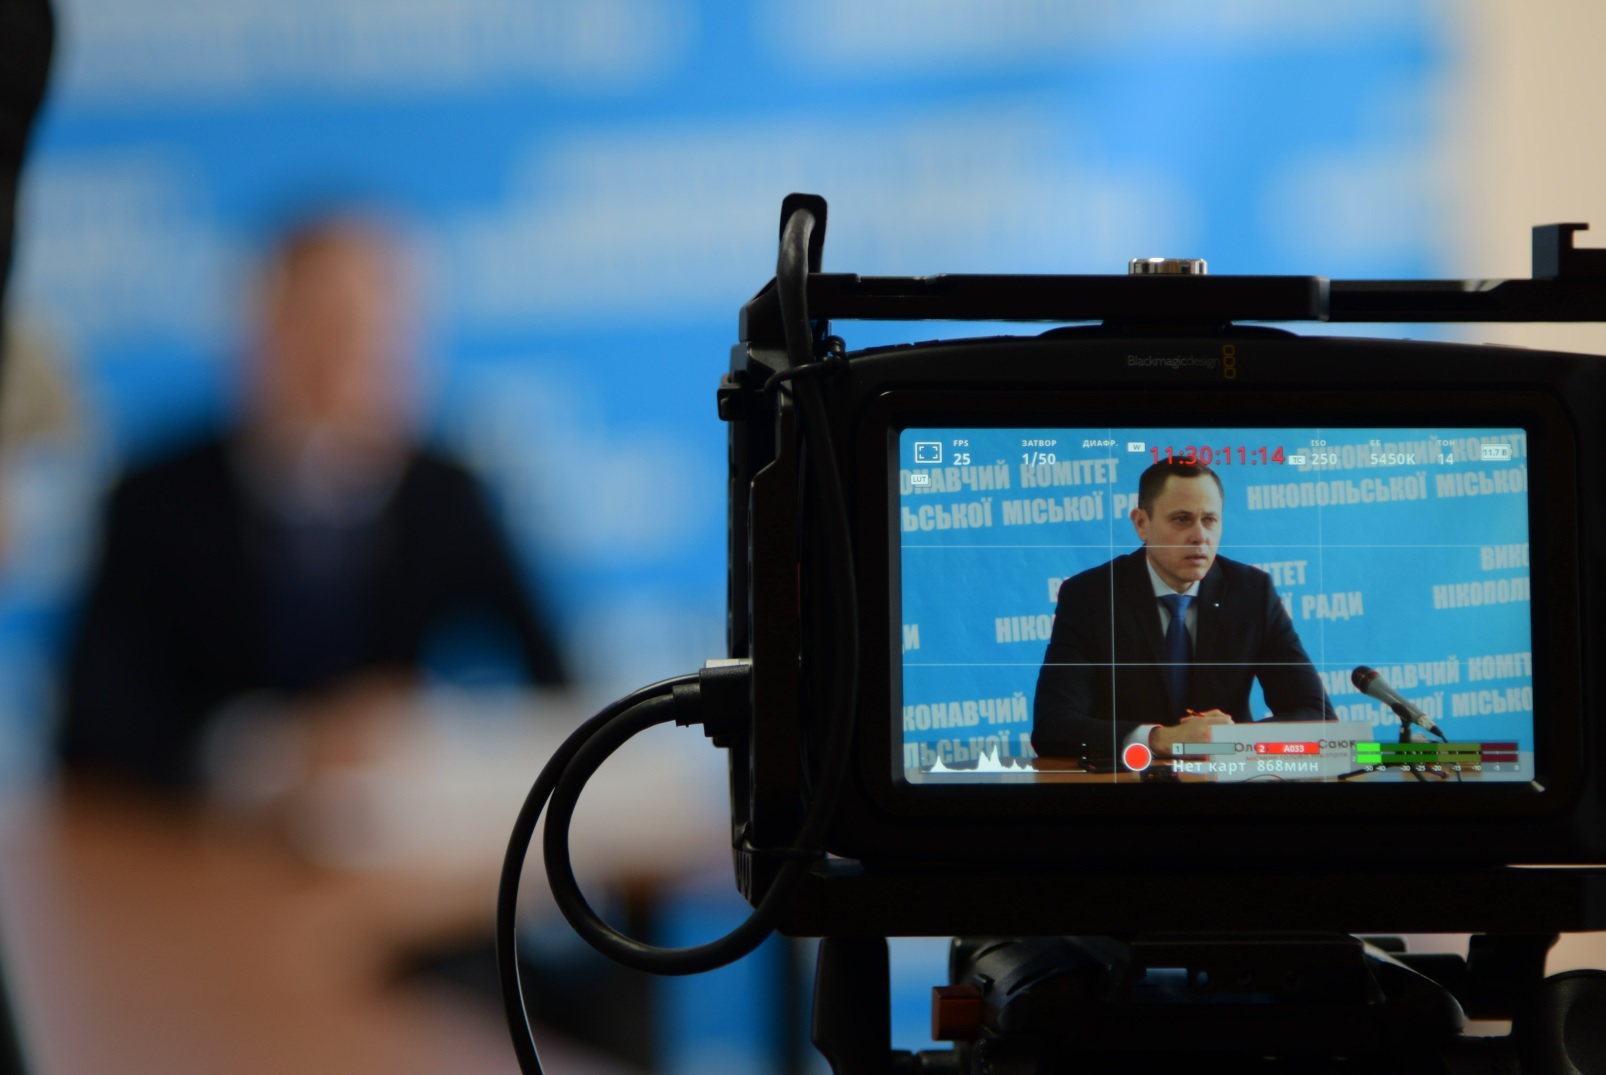 100 днів роботи міського голови і 7 важливих тем для Нікополя, які підняли на прес-конференції | Прихист